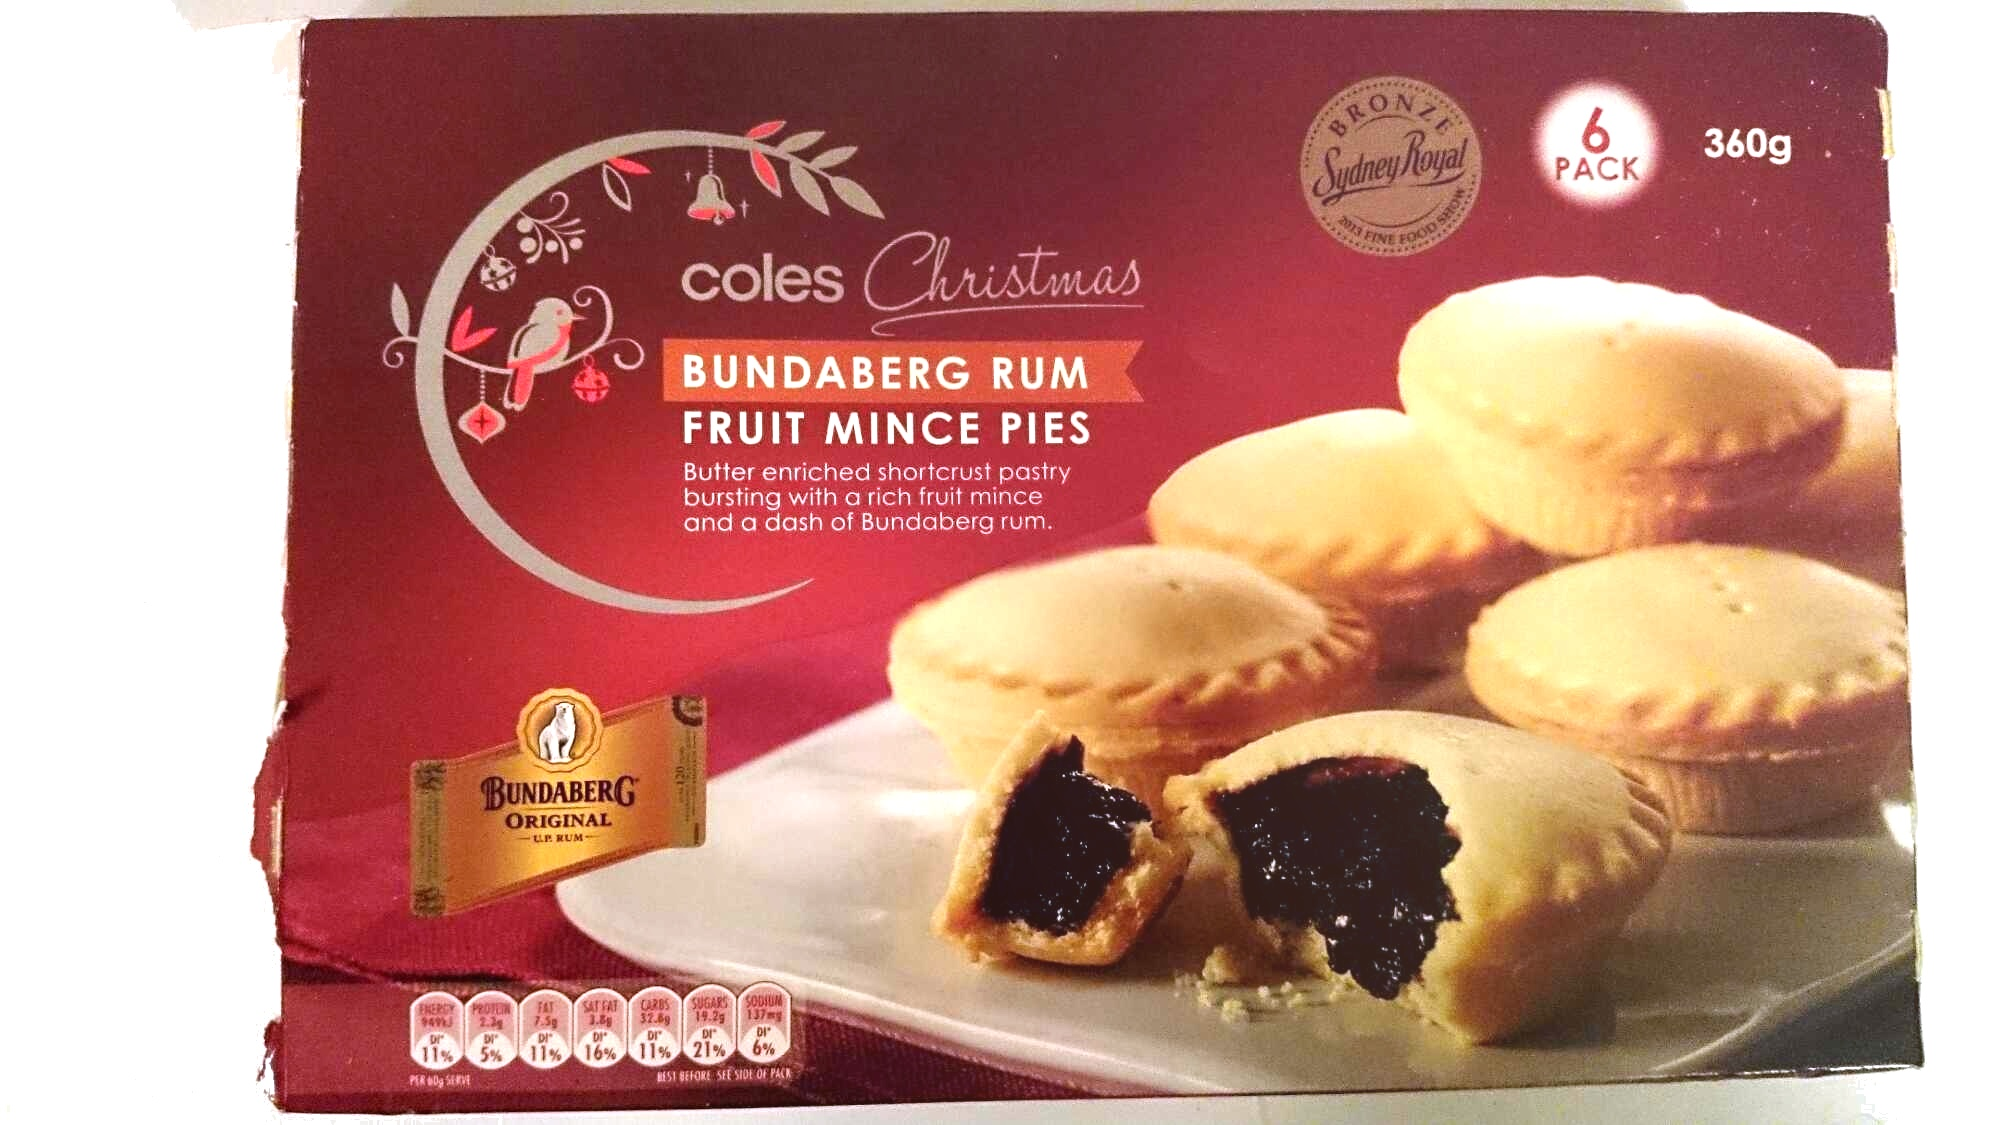 Coles Bundaberg Rum Fruit Mince Pies - Product - en